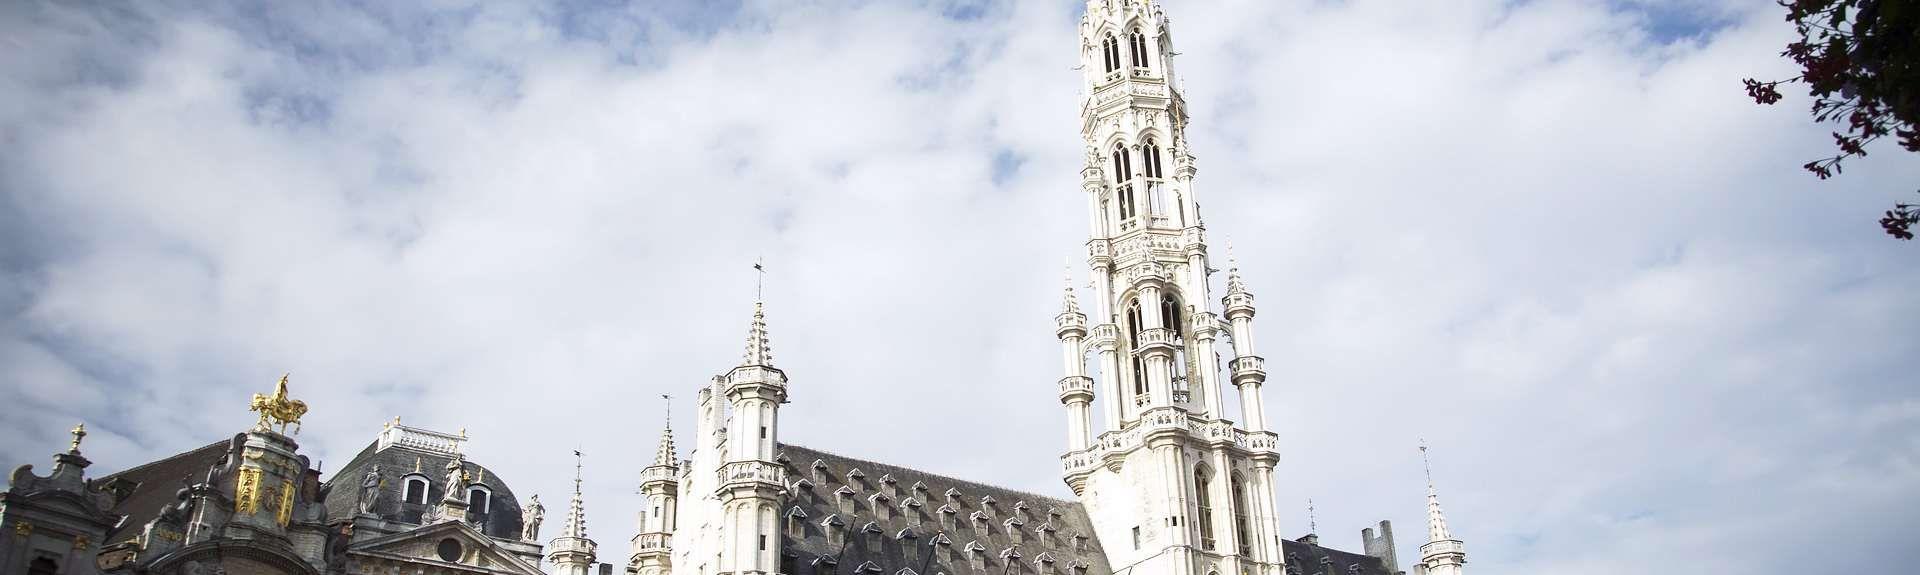 Dansaert, Bruxelles, Région de Bruxelles-Capitale, Belgique